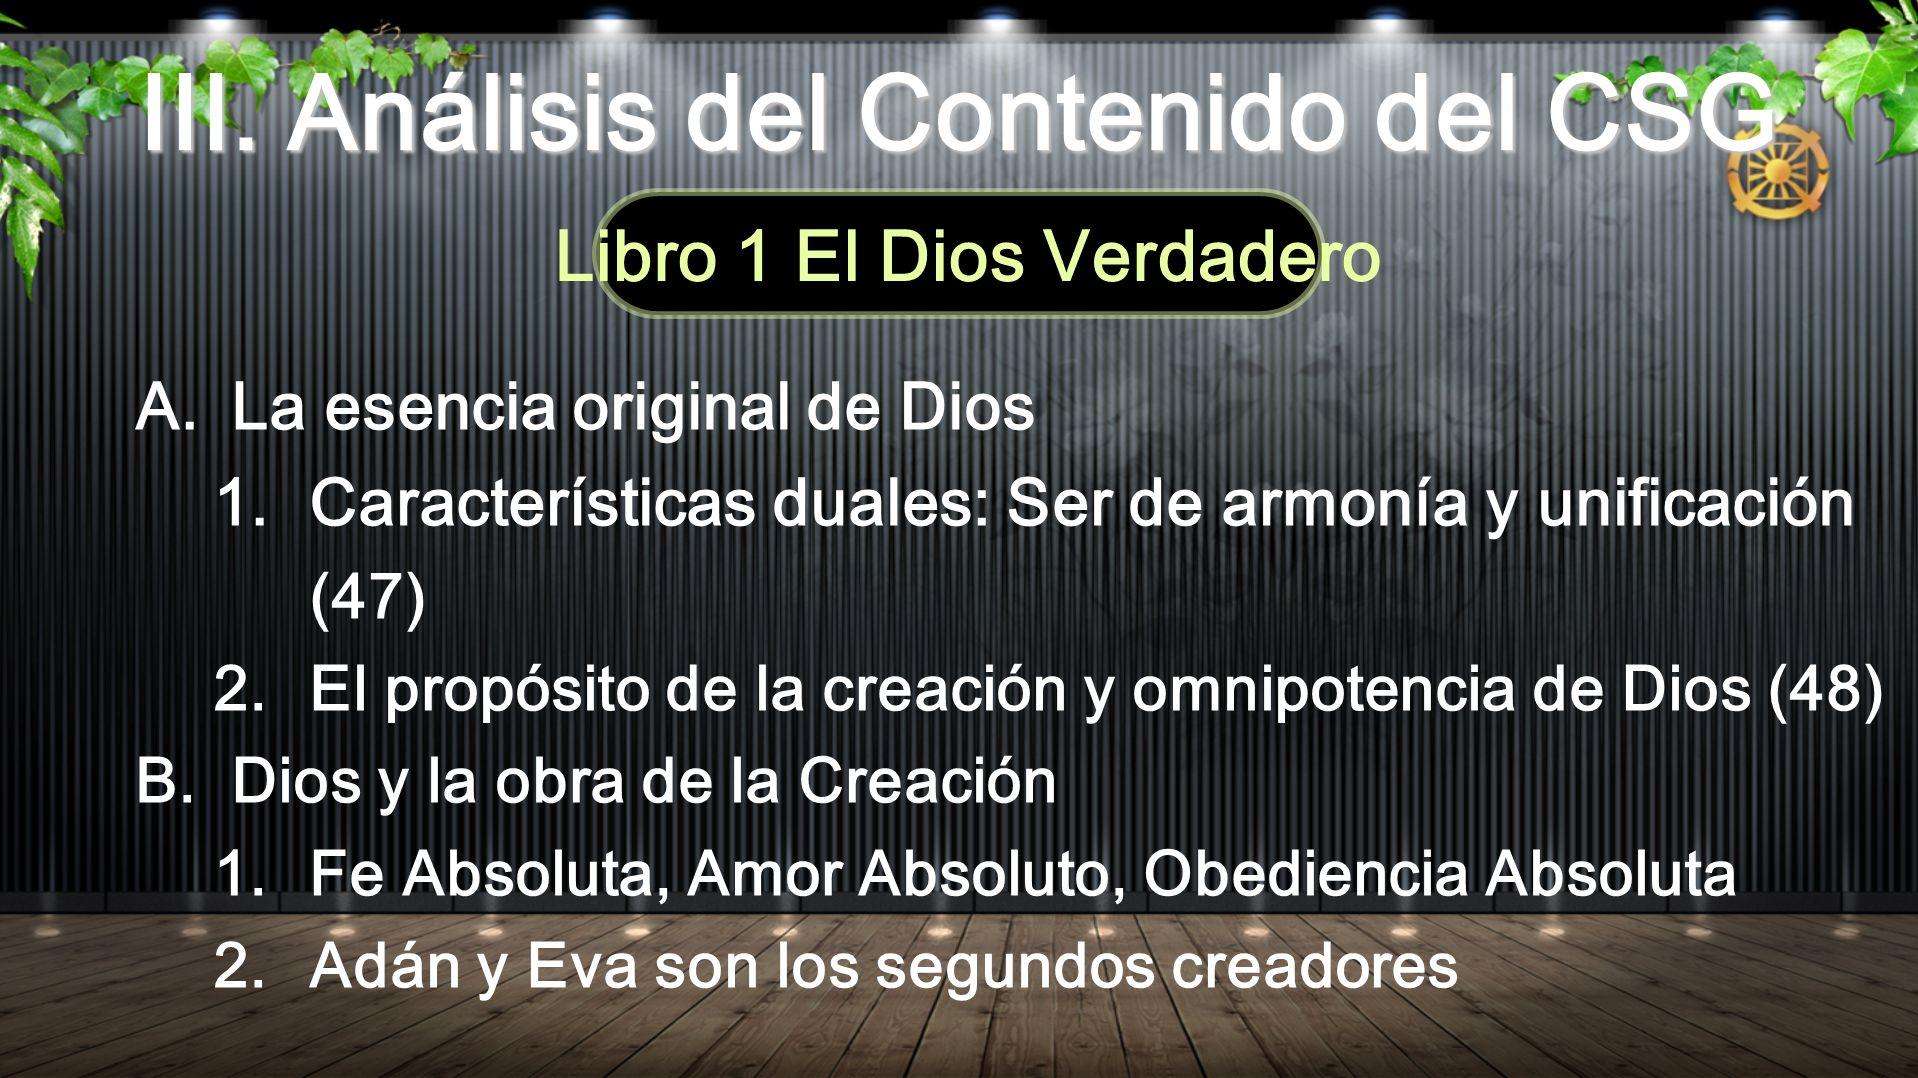 III. Análisis del Contenido del CSG Libro 1 El Dios Verdadero A.La esencia original de Dios 1. Características duales: Ser de armonía y unificación (4